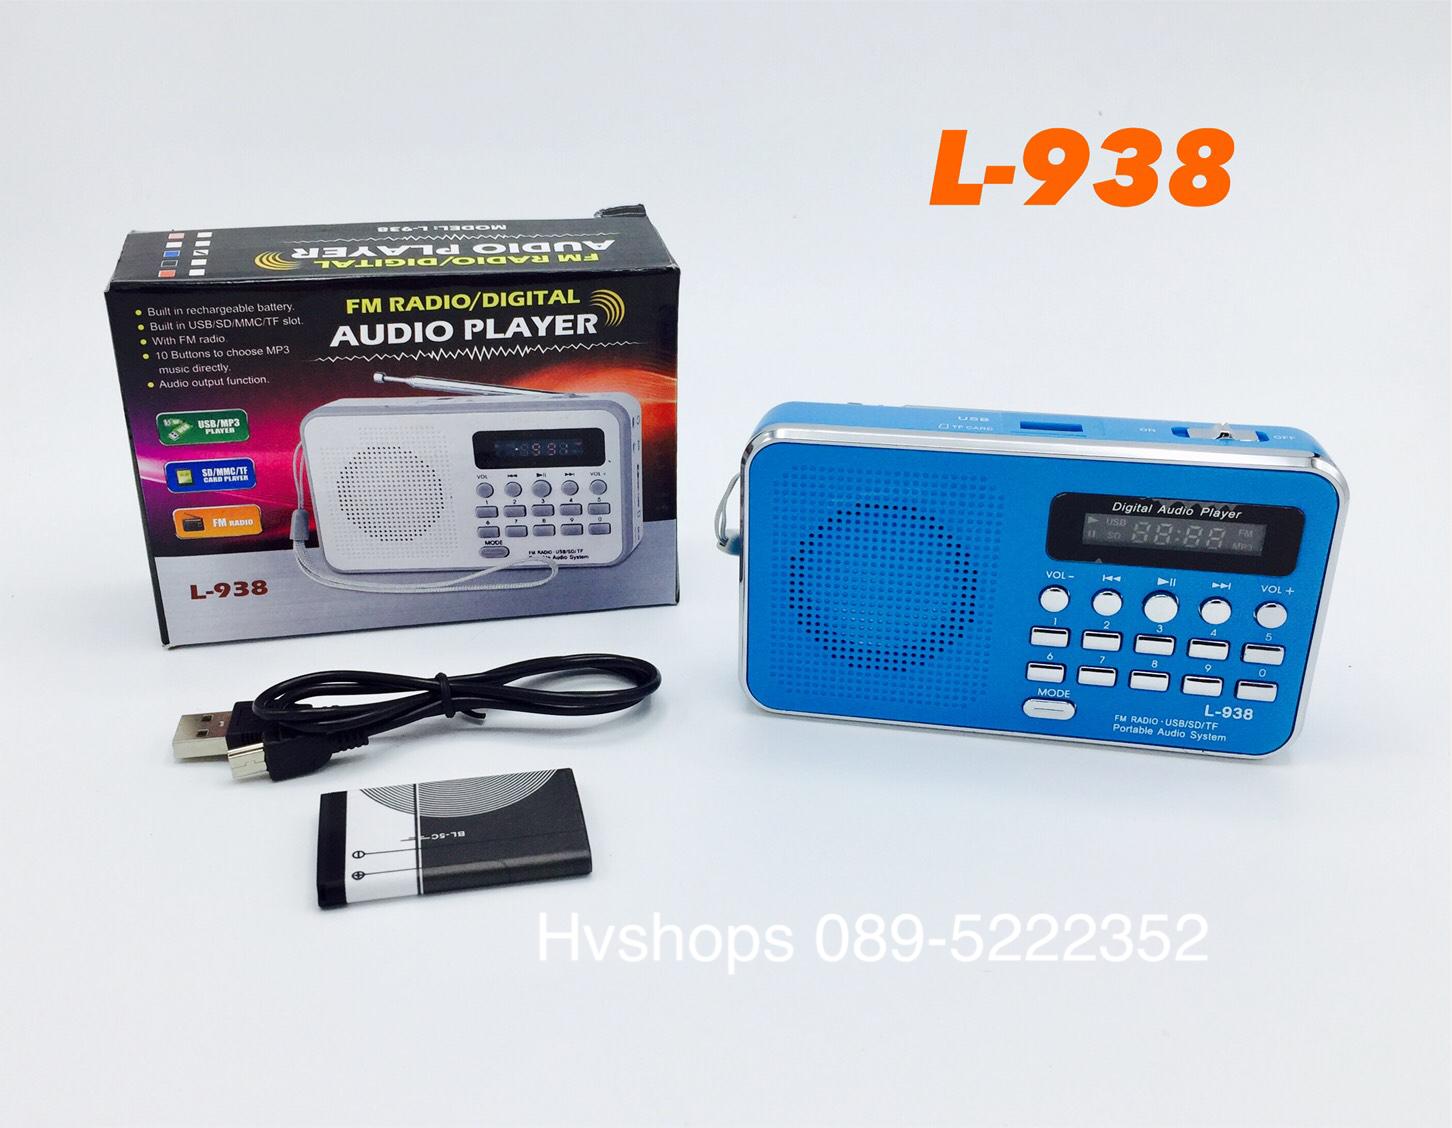 วิทยุ FM -AM รุ่น L-938